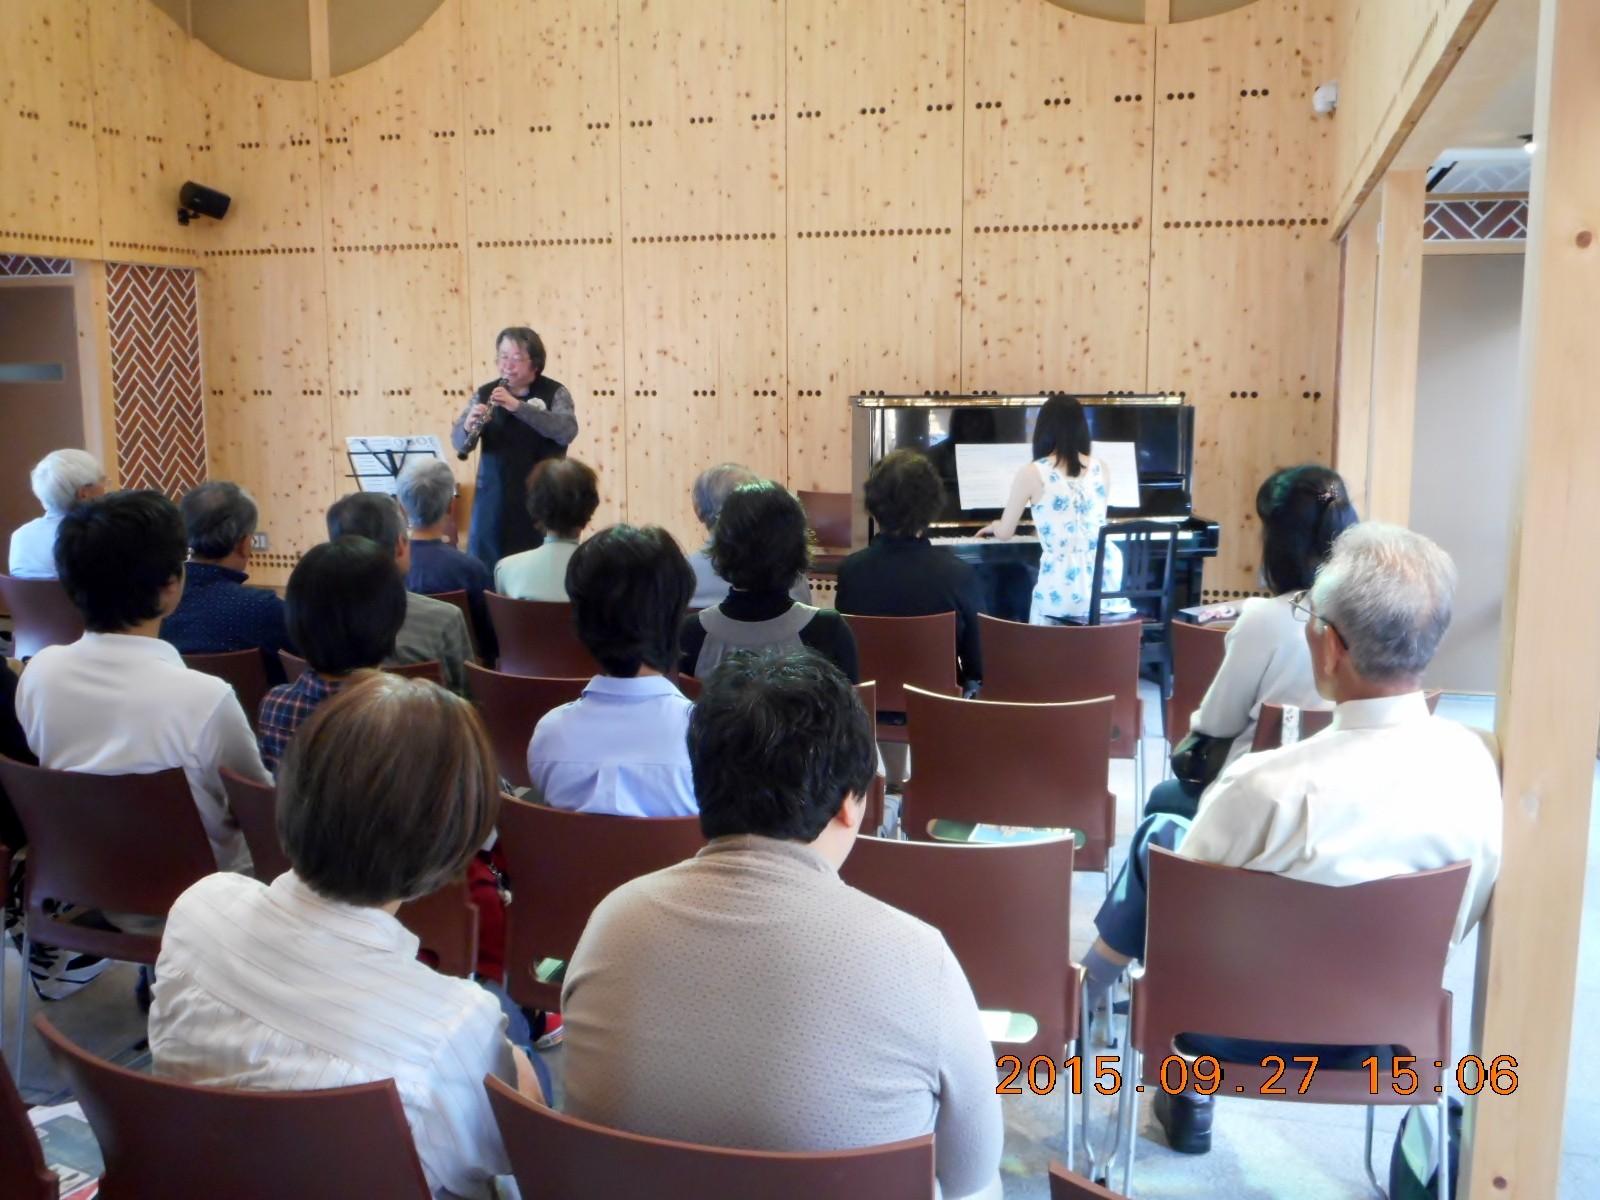 岡山県、矢掛町 やかげ町家交流館 谷山サロンコンサート